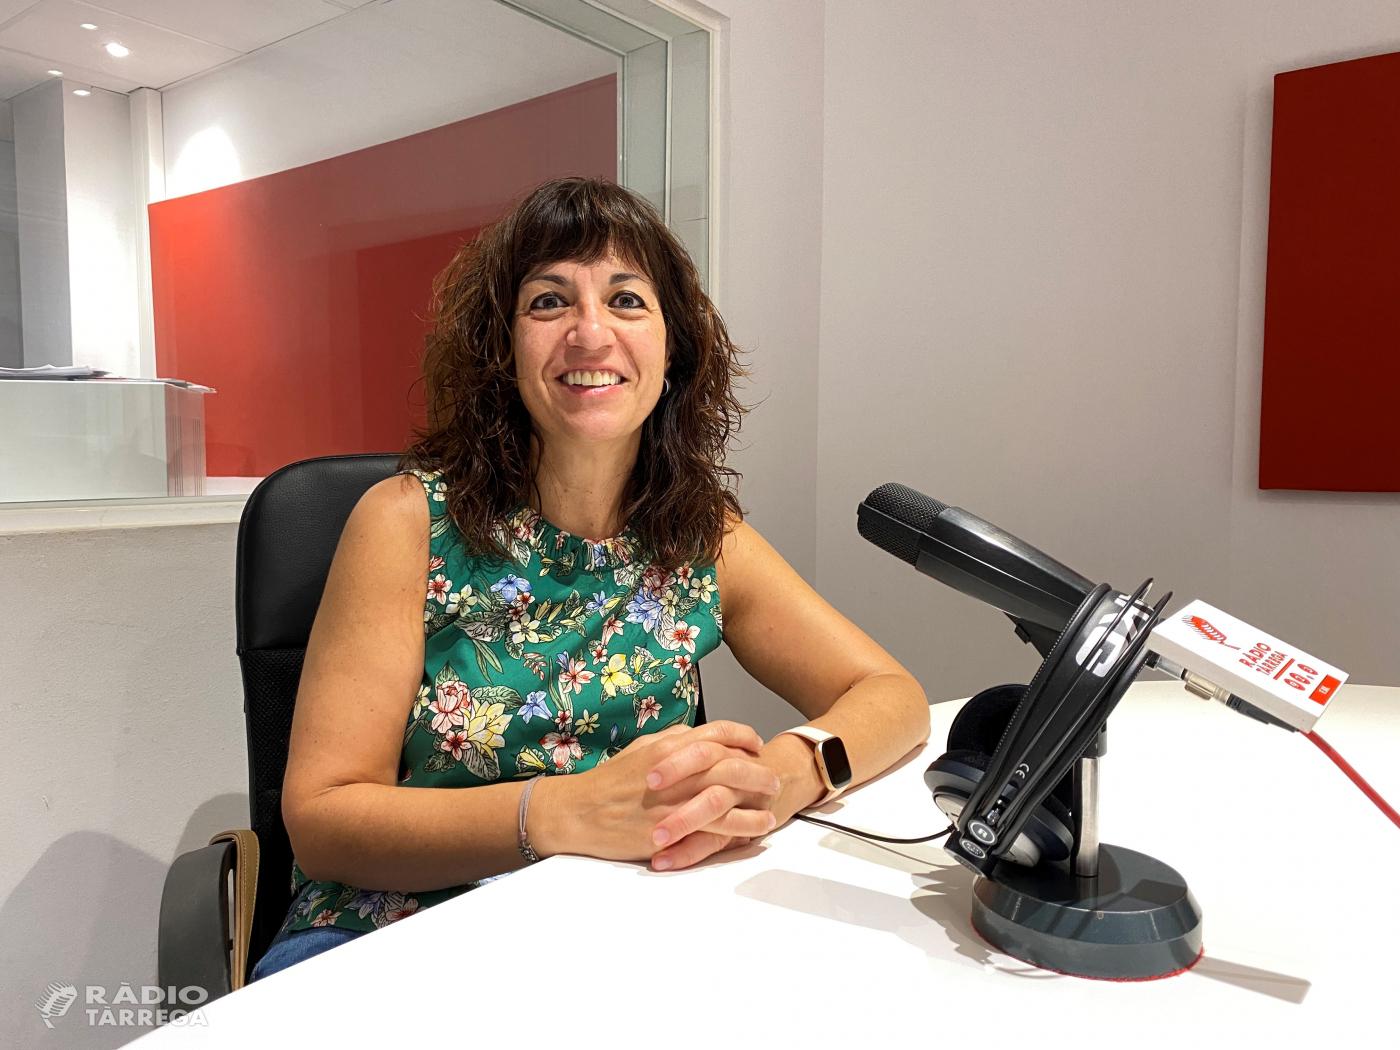 ENTREVISTA L'alcaldessa de Tàrrega Alba Pijuan Vallverdú lamenta que el toc de queda plantejat pel Govern no sigui generalitzat